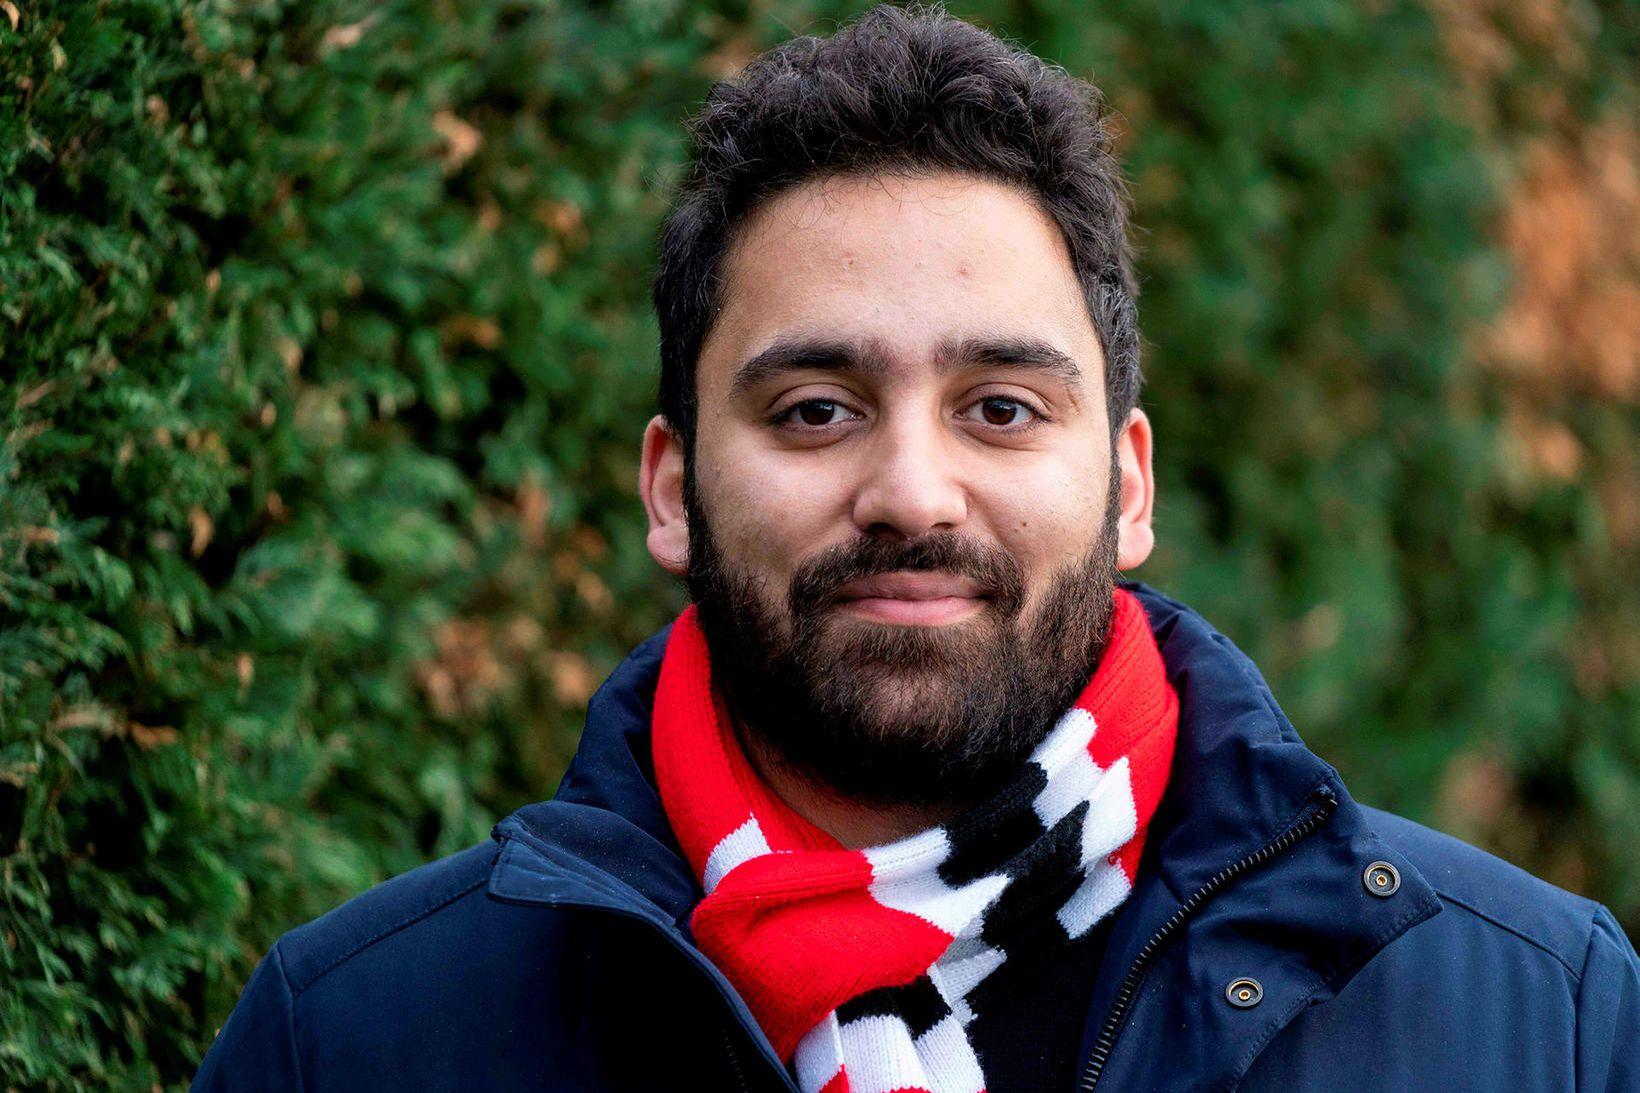 Ali Milani, frambjóðandi Verkamannaflokksins í Uxbridge og South Ruislip.